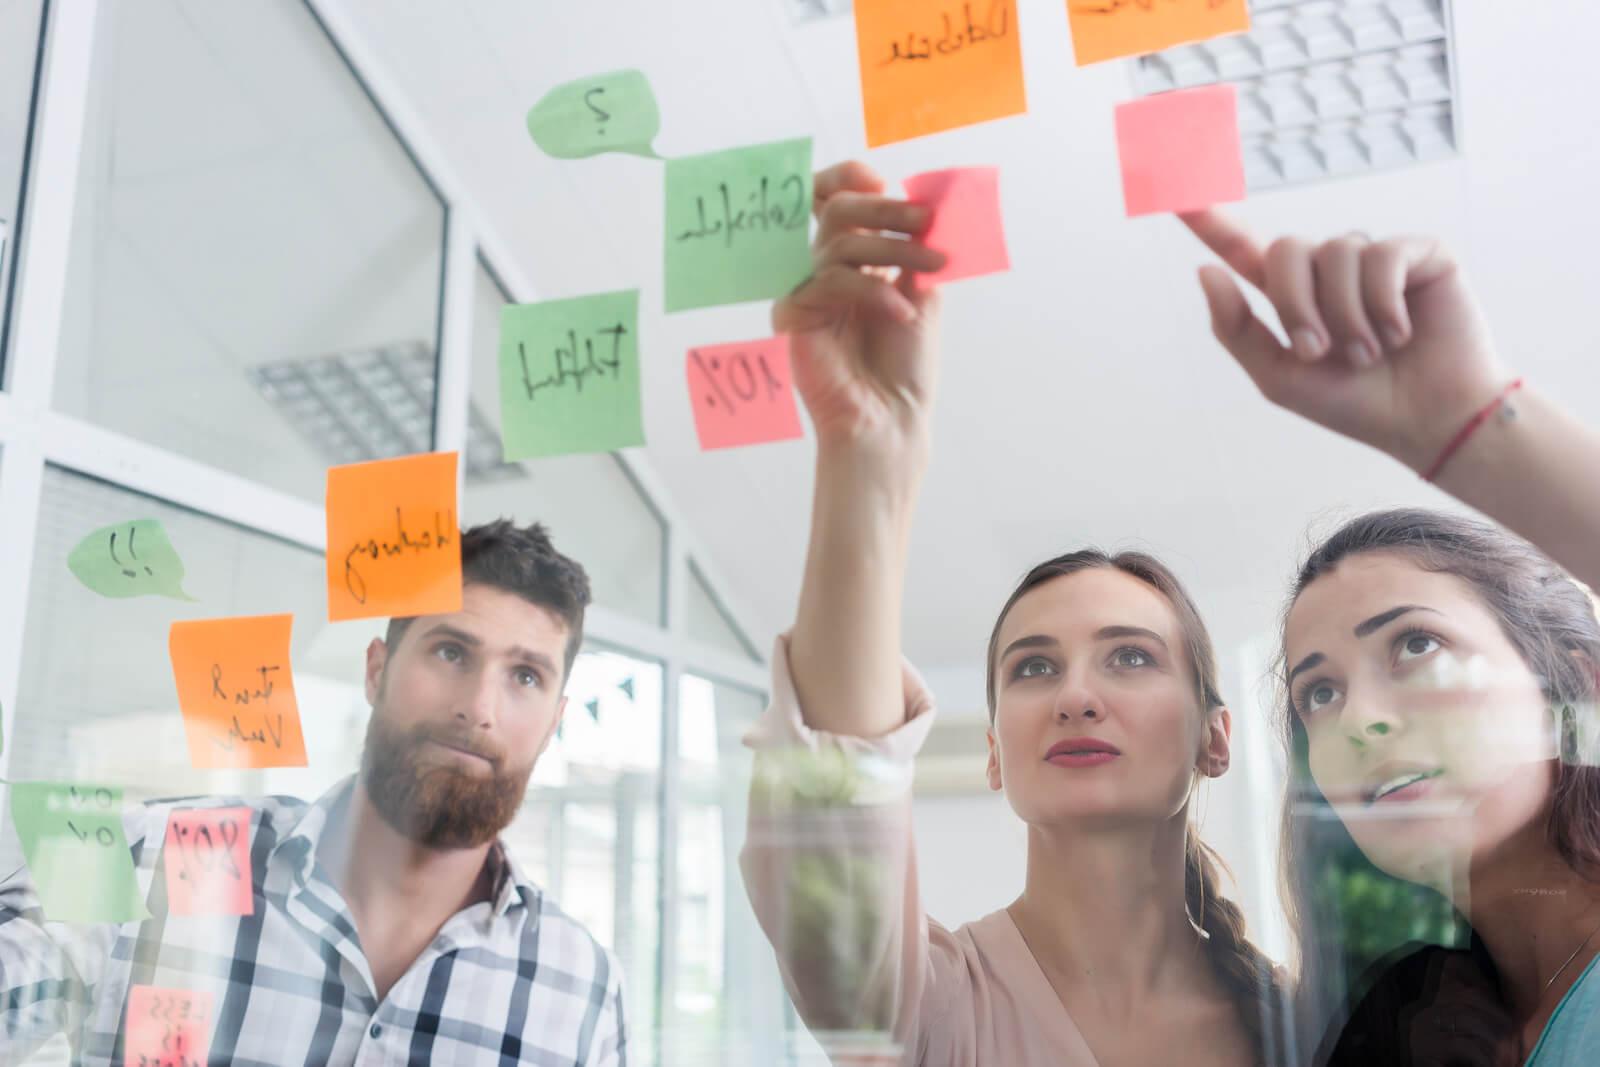 Cómo priorizar ideas con impacto: utiliza la jerarquía de propósito